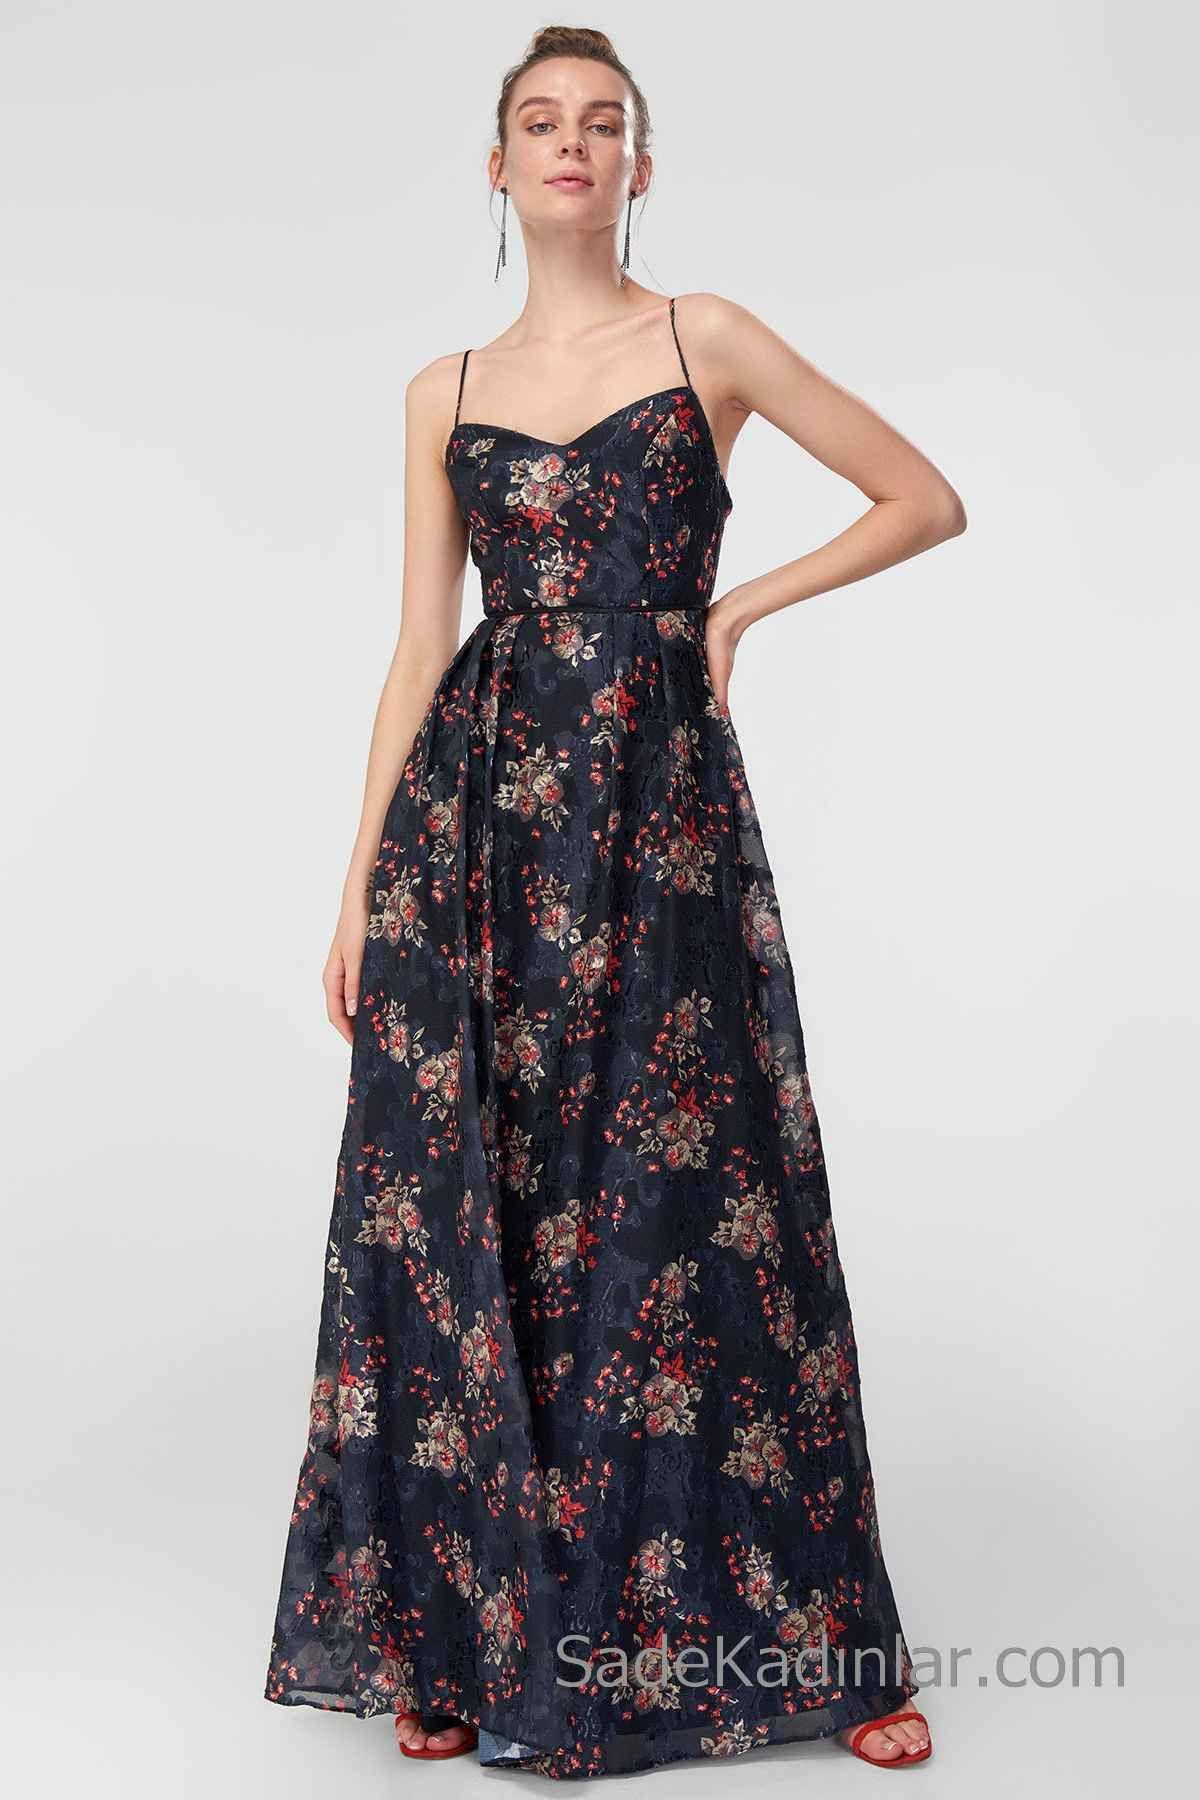 2020 Uzun Abiye Modelleri Siyah Uzun Ip Askili Kalp Yaka Cicek Desenli Maksi Elbiseler Moda Stilleri Elbise Modelleri